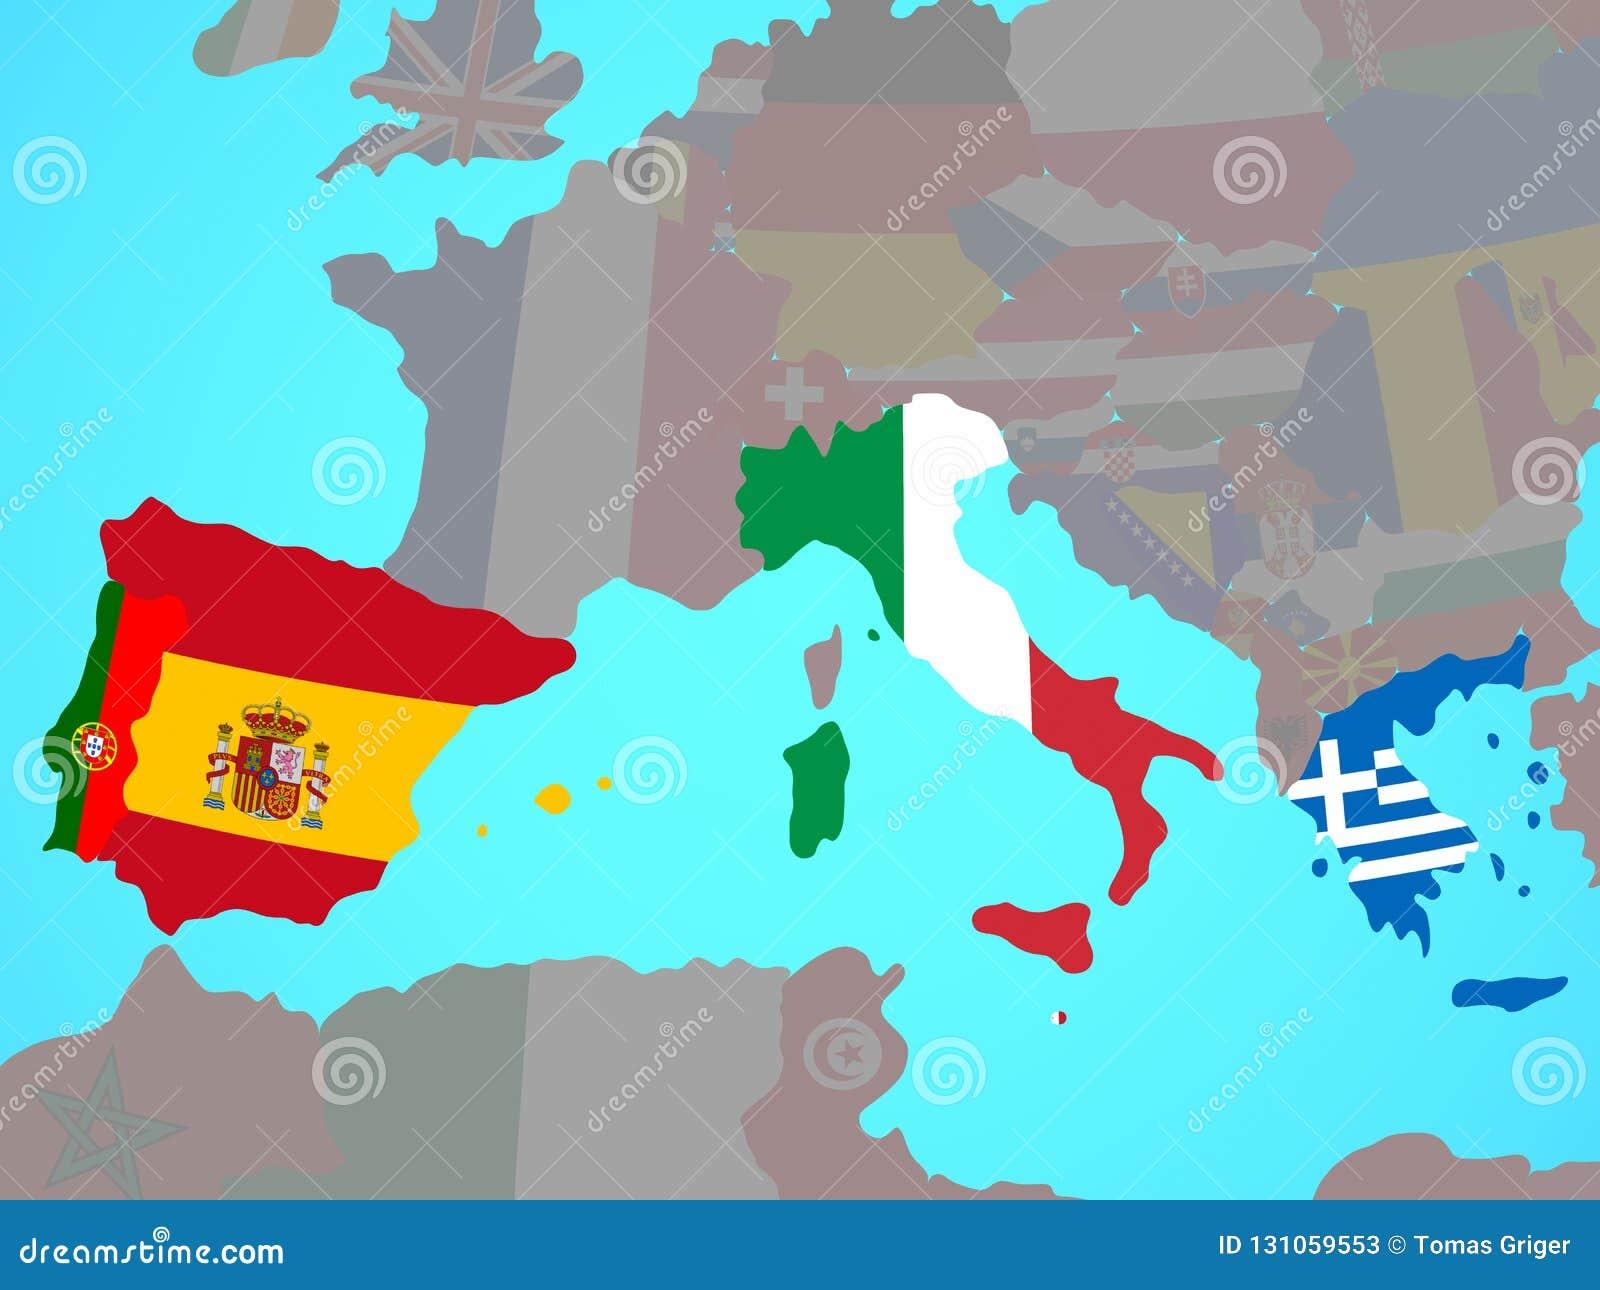 carte europe du sud L'Europe Du Sud Avec Des Drapeaux Sur La Carte Illustration Stock